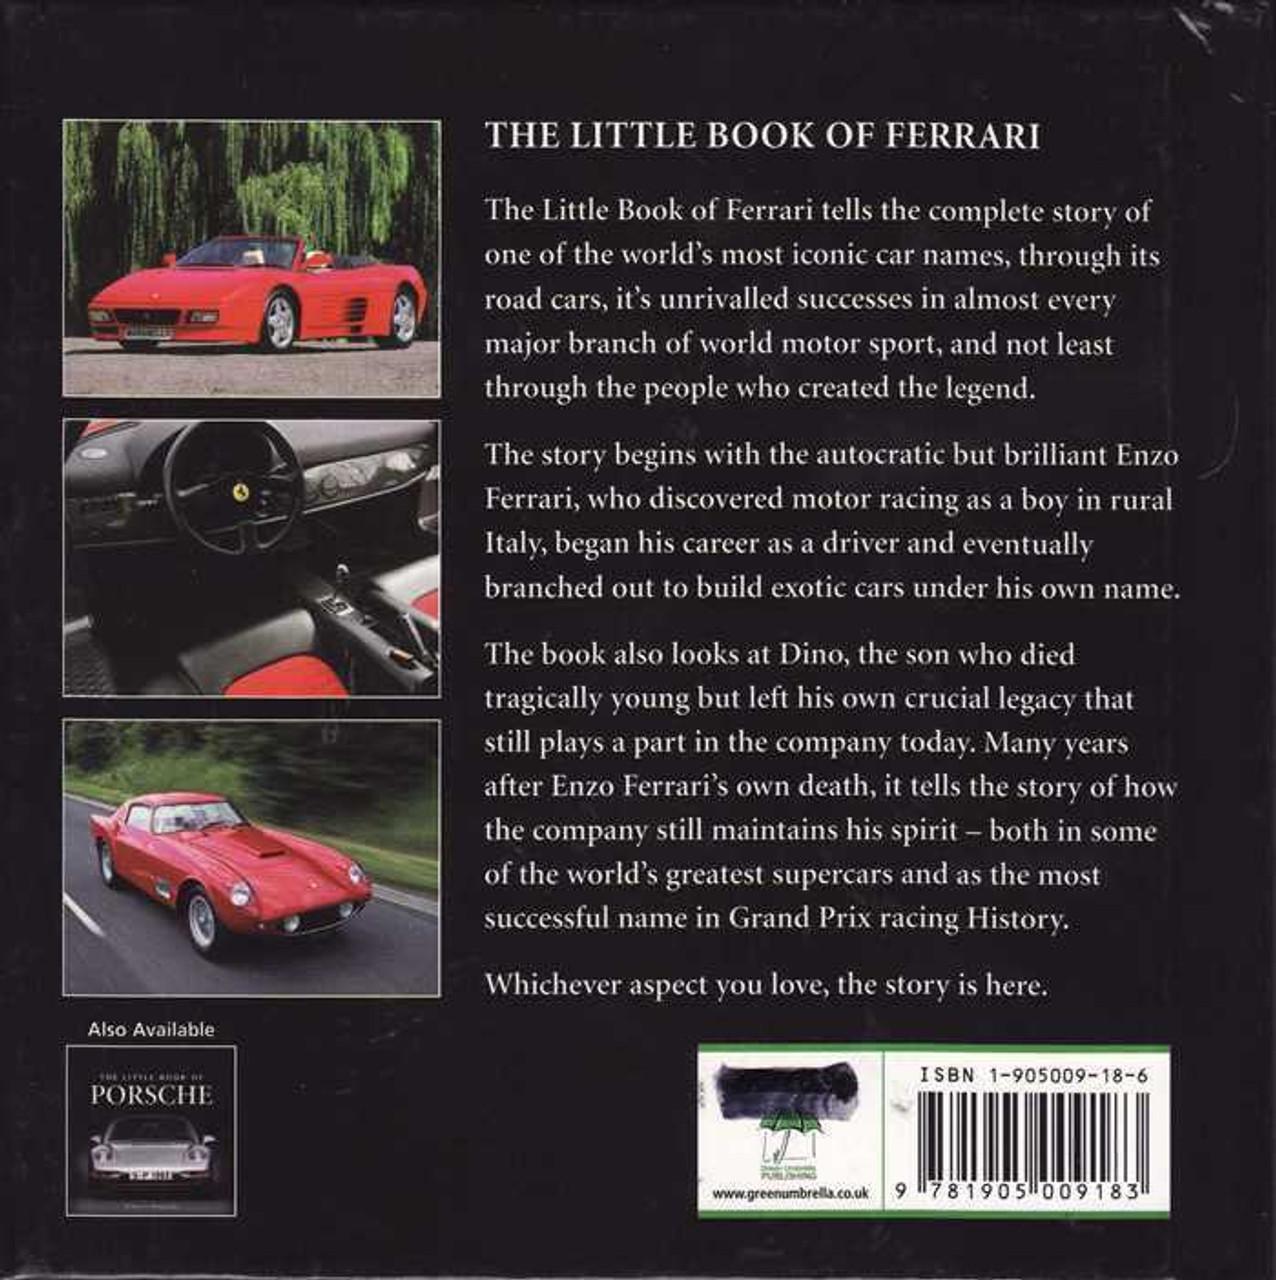 b11236b_little_book_ferrari_back__96828.1339460350.jpg?c=2?imbypass=on